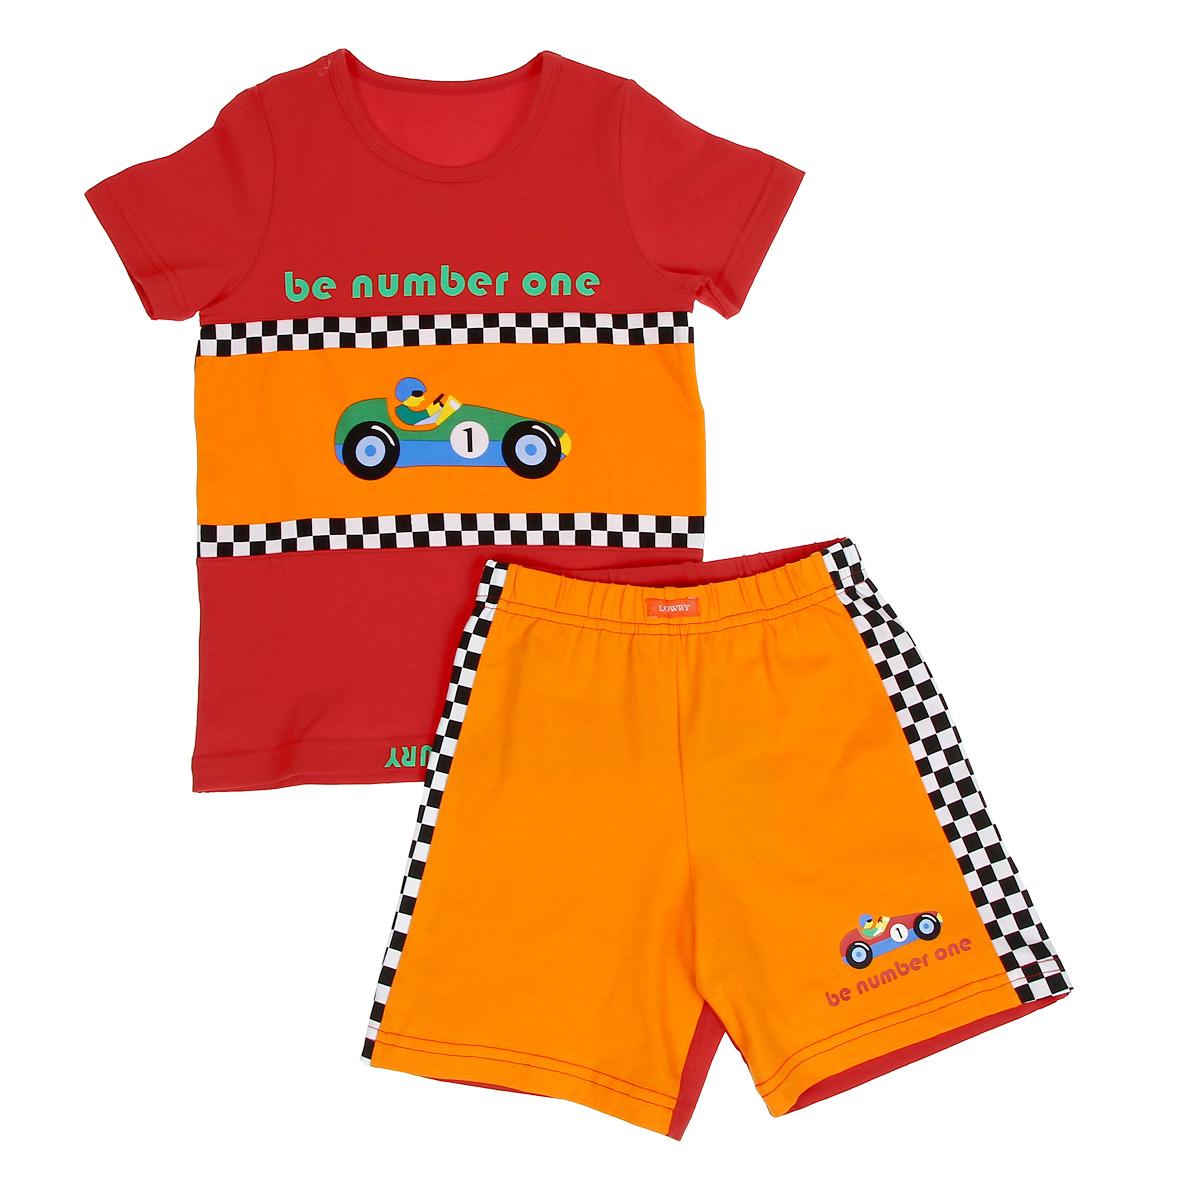 Комплект для мальчика Lowry: футболка, шорты, цвет: красный, оранжевый. BF/BSHL-272. Размер 38 (XXL)BF/BSHL-272Комплект для мальчика Lowry, состоящий из футболки и шорт, идеально подойдет вашему малышу. Изготовленный из хлопка с добавлением лайкры, он необычайно мягкий и приятный на ощупь, не сковывает движения малыша и позволяет коже дышать, не раздражает даже самую нежную и чувствительную кожу ребенка, обеспечивая ему наибольший комфорт. Футболка с короткими рукавами и круглым вырезом горловины на груди оформлена ярким оригинальным принтом с изображением гоночной трассы, гоночного болида, а также надписью Be Number One.Шортики на талии имеют широкую эластичную резинку, благодаря чему они не сдавливают животик ребенка и не сползают. Оформлены шортики термоаппликацией с изображением гоночного болида и надписью Be Number One, а по бокам - принтом в клетку. Оригинальный дизайн и модная расцветка делают этот комплект незаменимым предметом детского гардероба. В нем вашему маленькому мужчине будет комфортно и уютно, и он всегда будет в центре внимания!